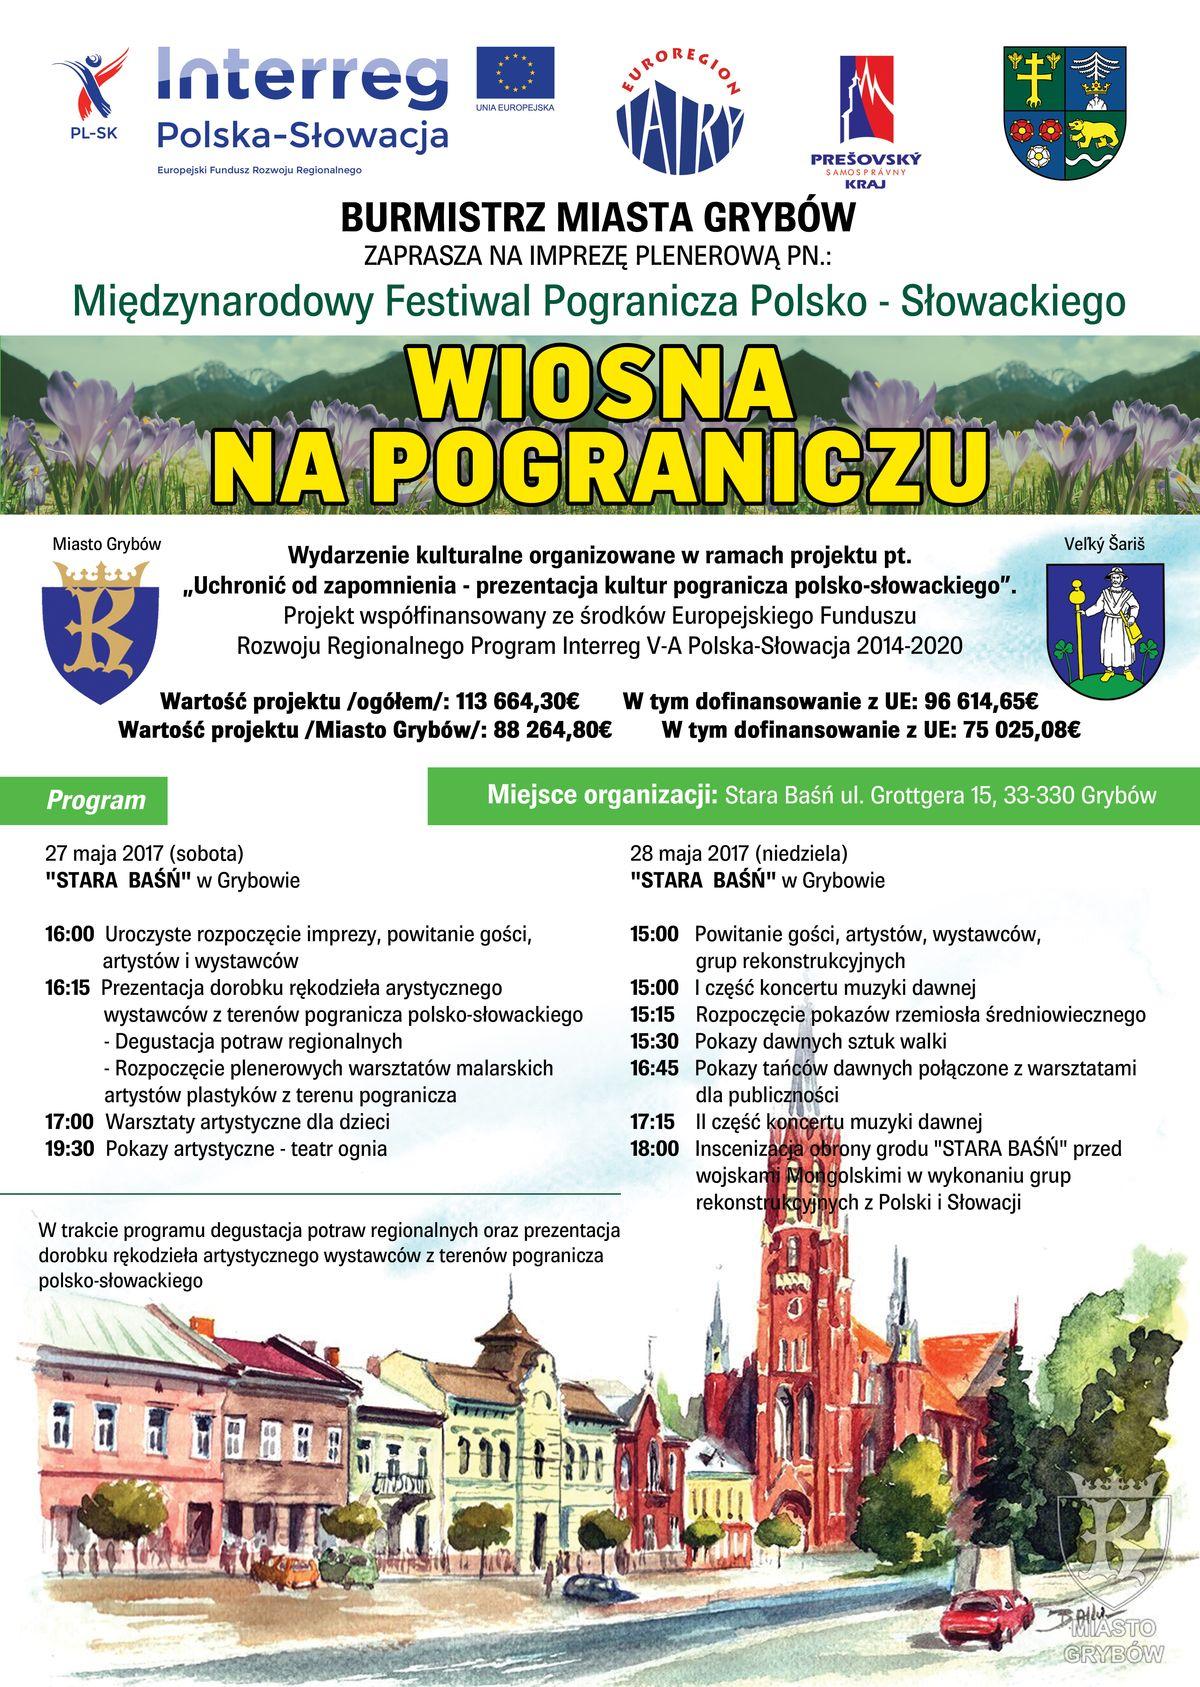 wiosna_na_pograniczu_plakat